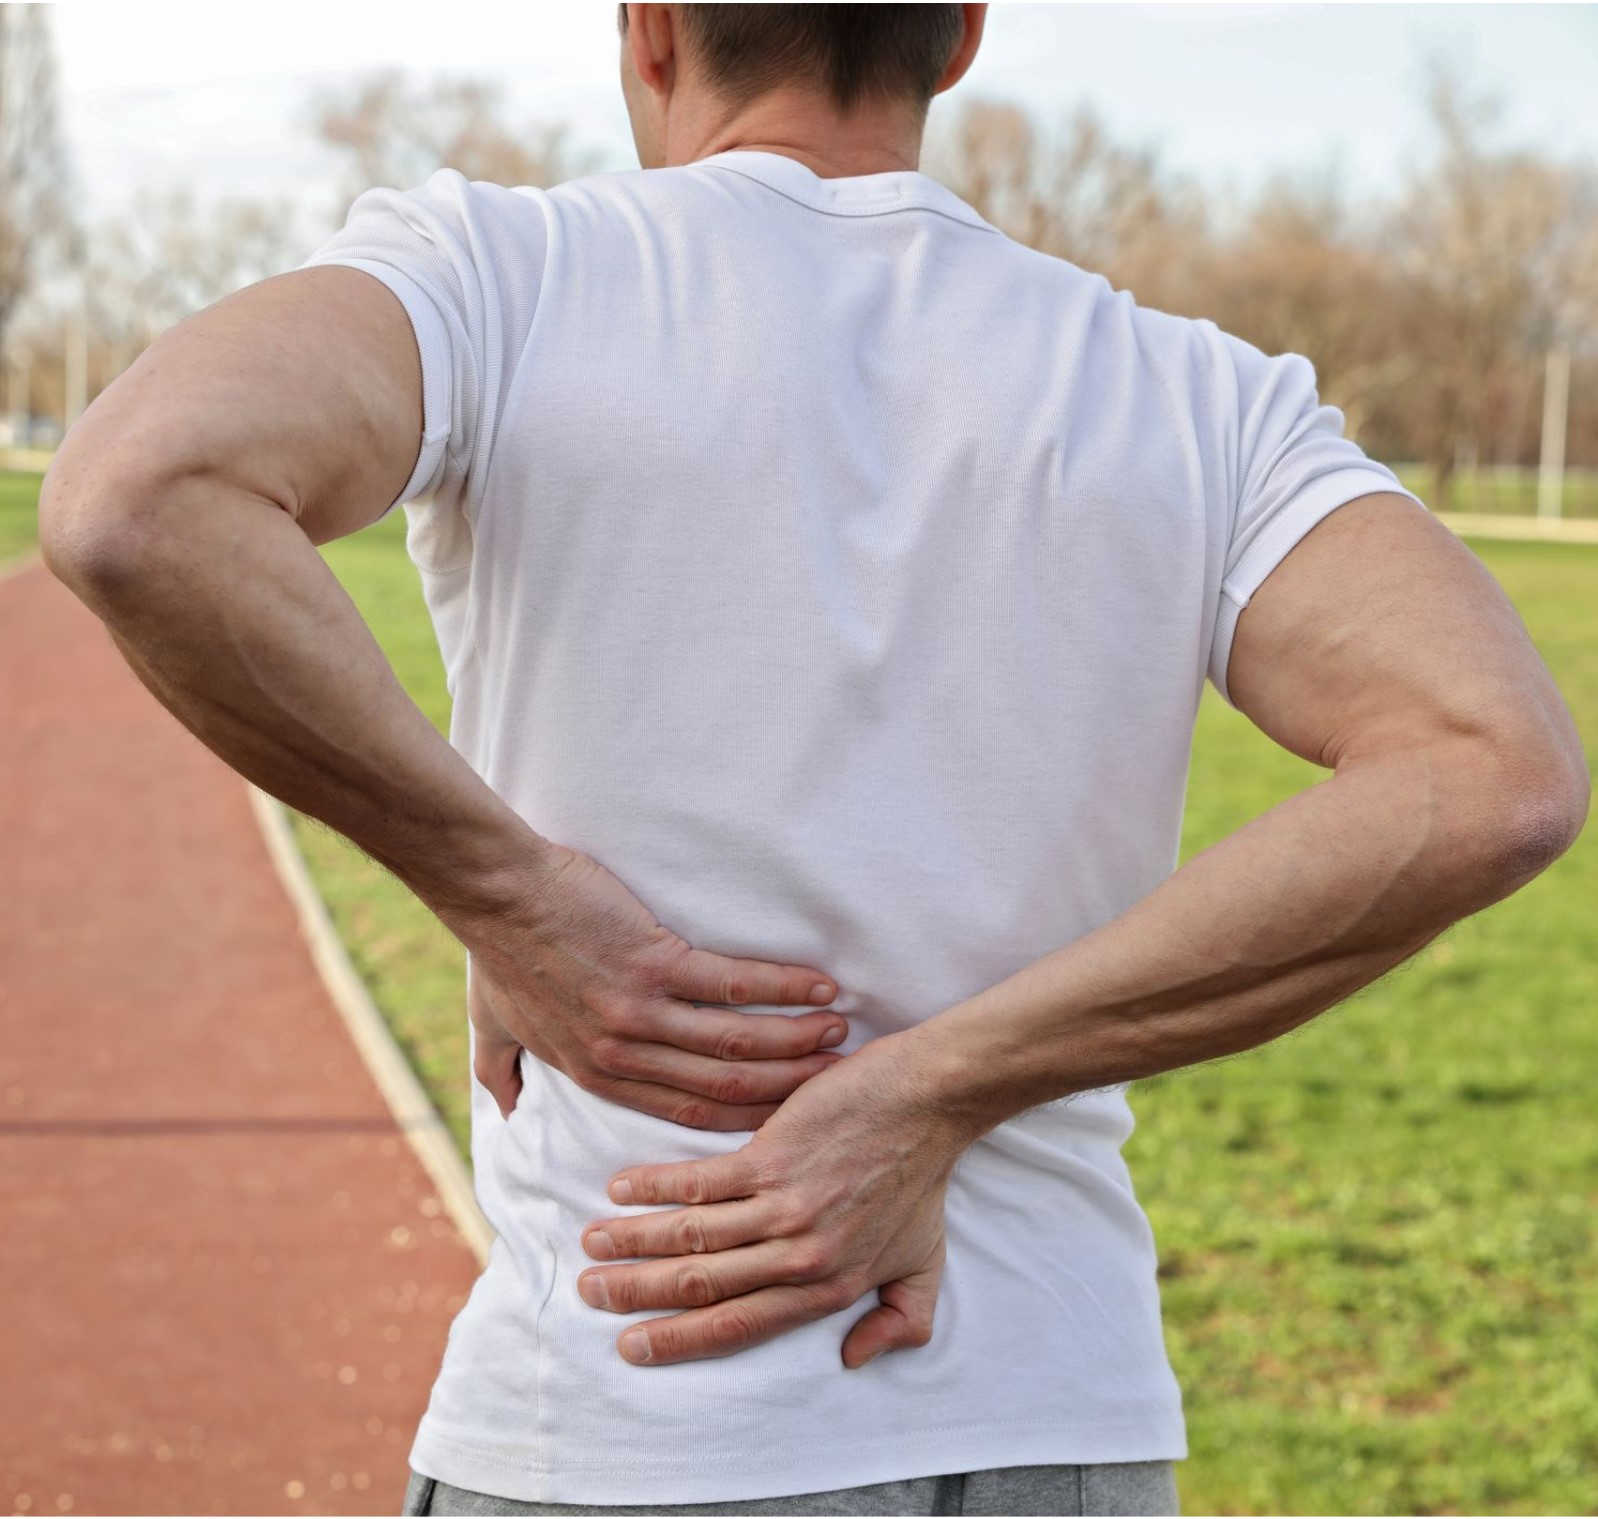 neurozė skausmas raumenyse ir sąnariuose